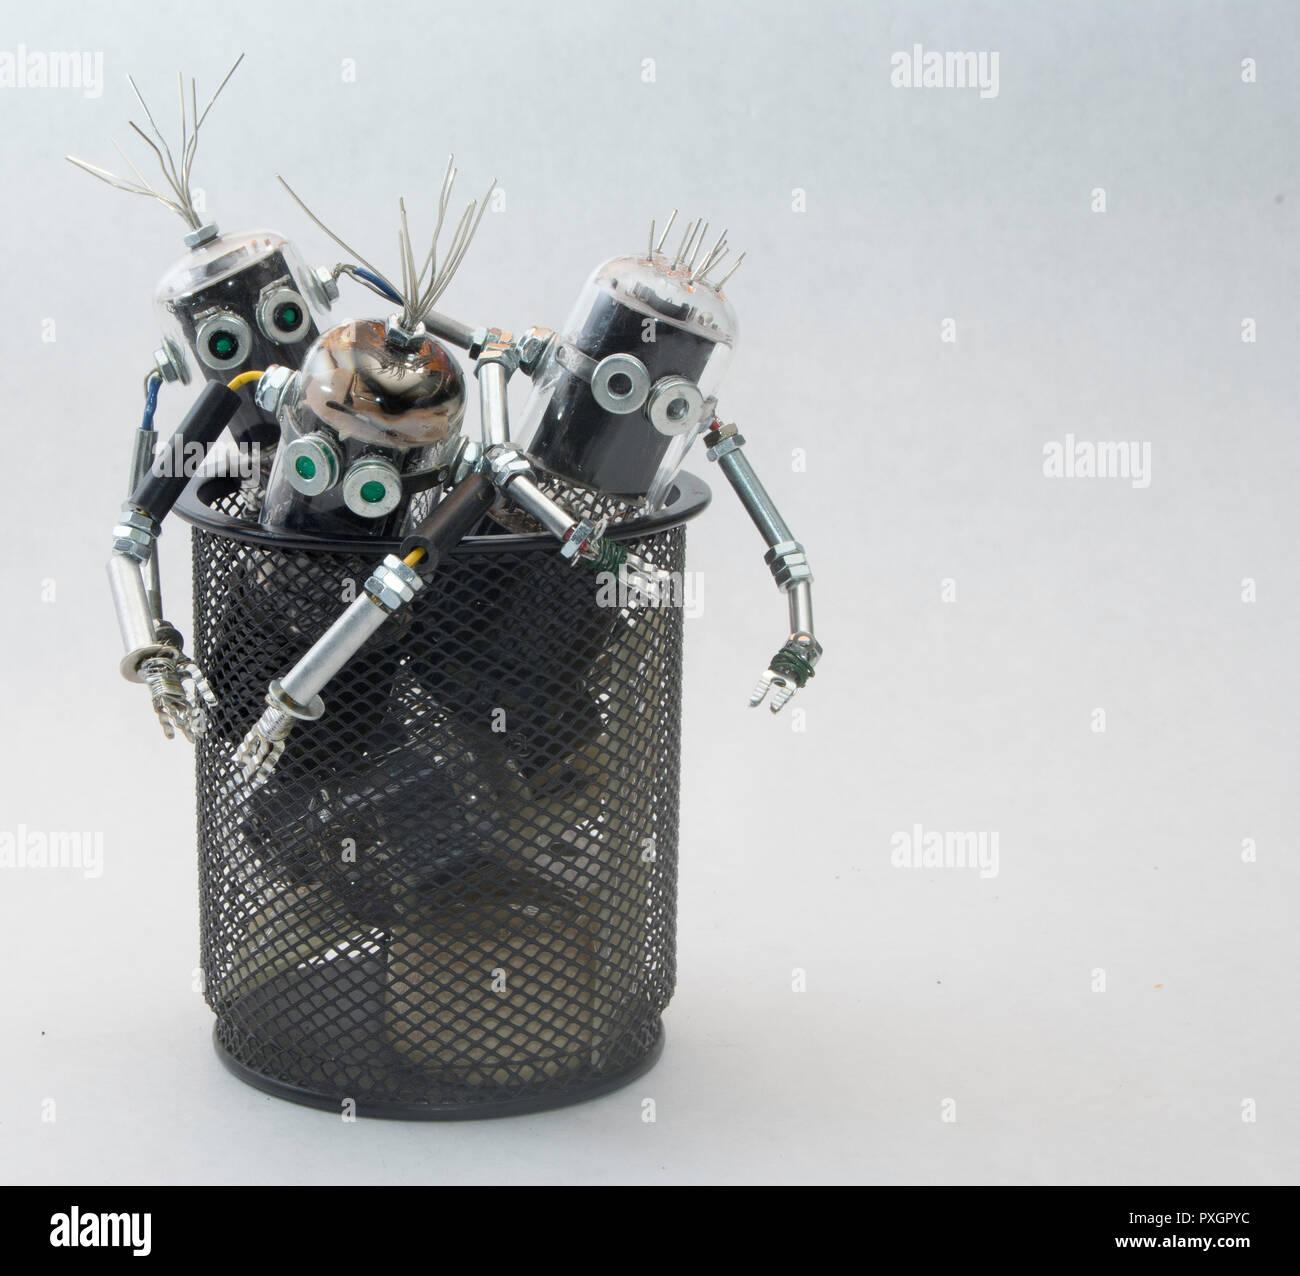 Lasciar vivere - Riciclaggio dei rifiuti elettronici concept Immagini Stock